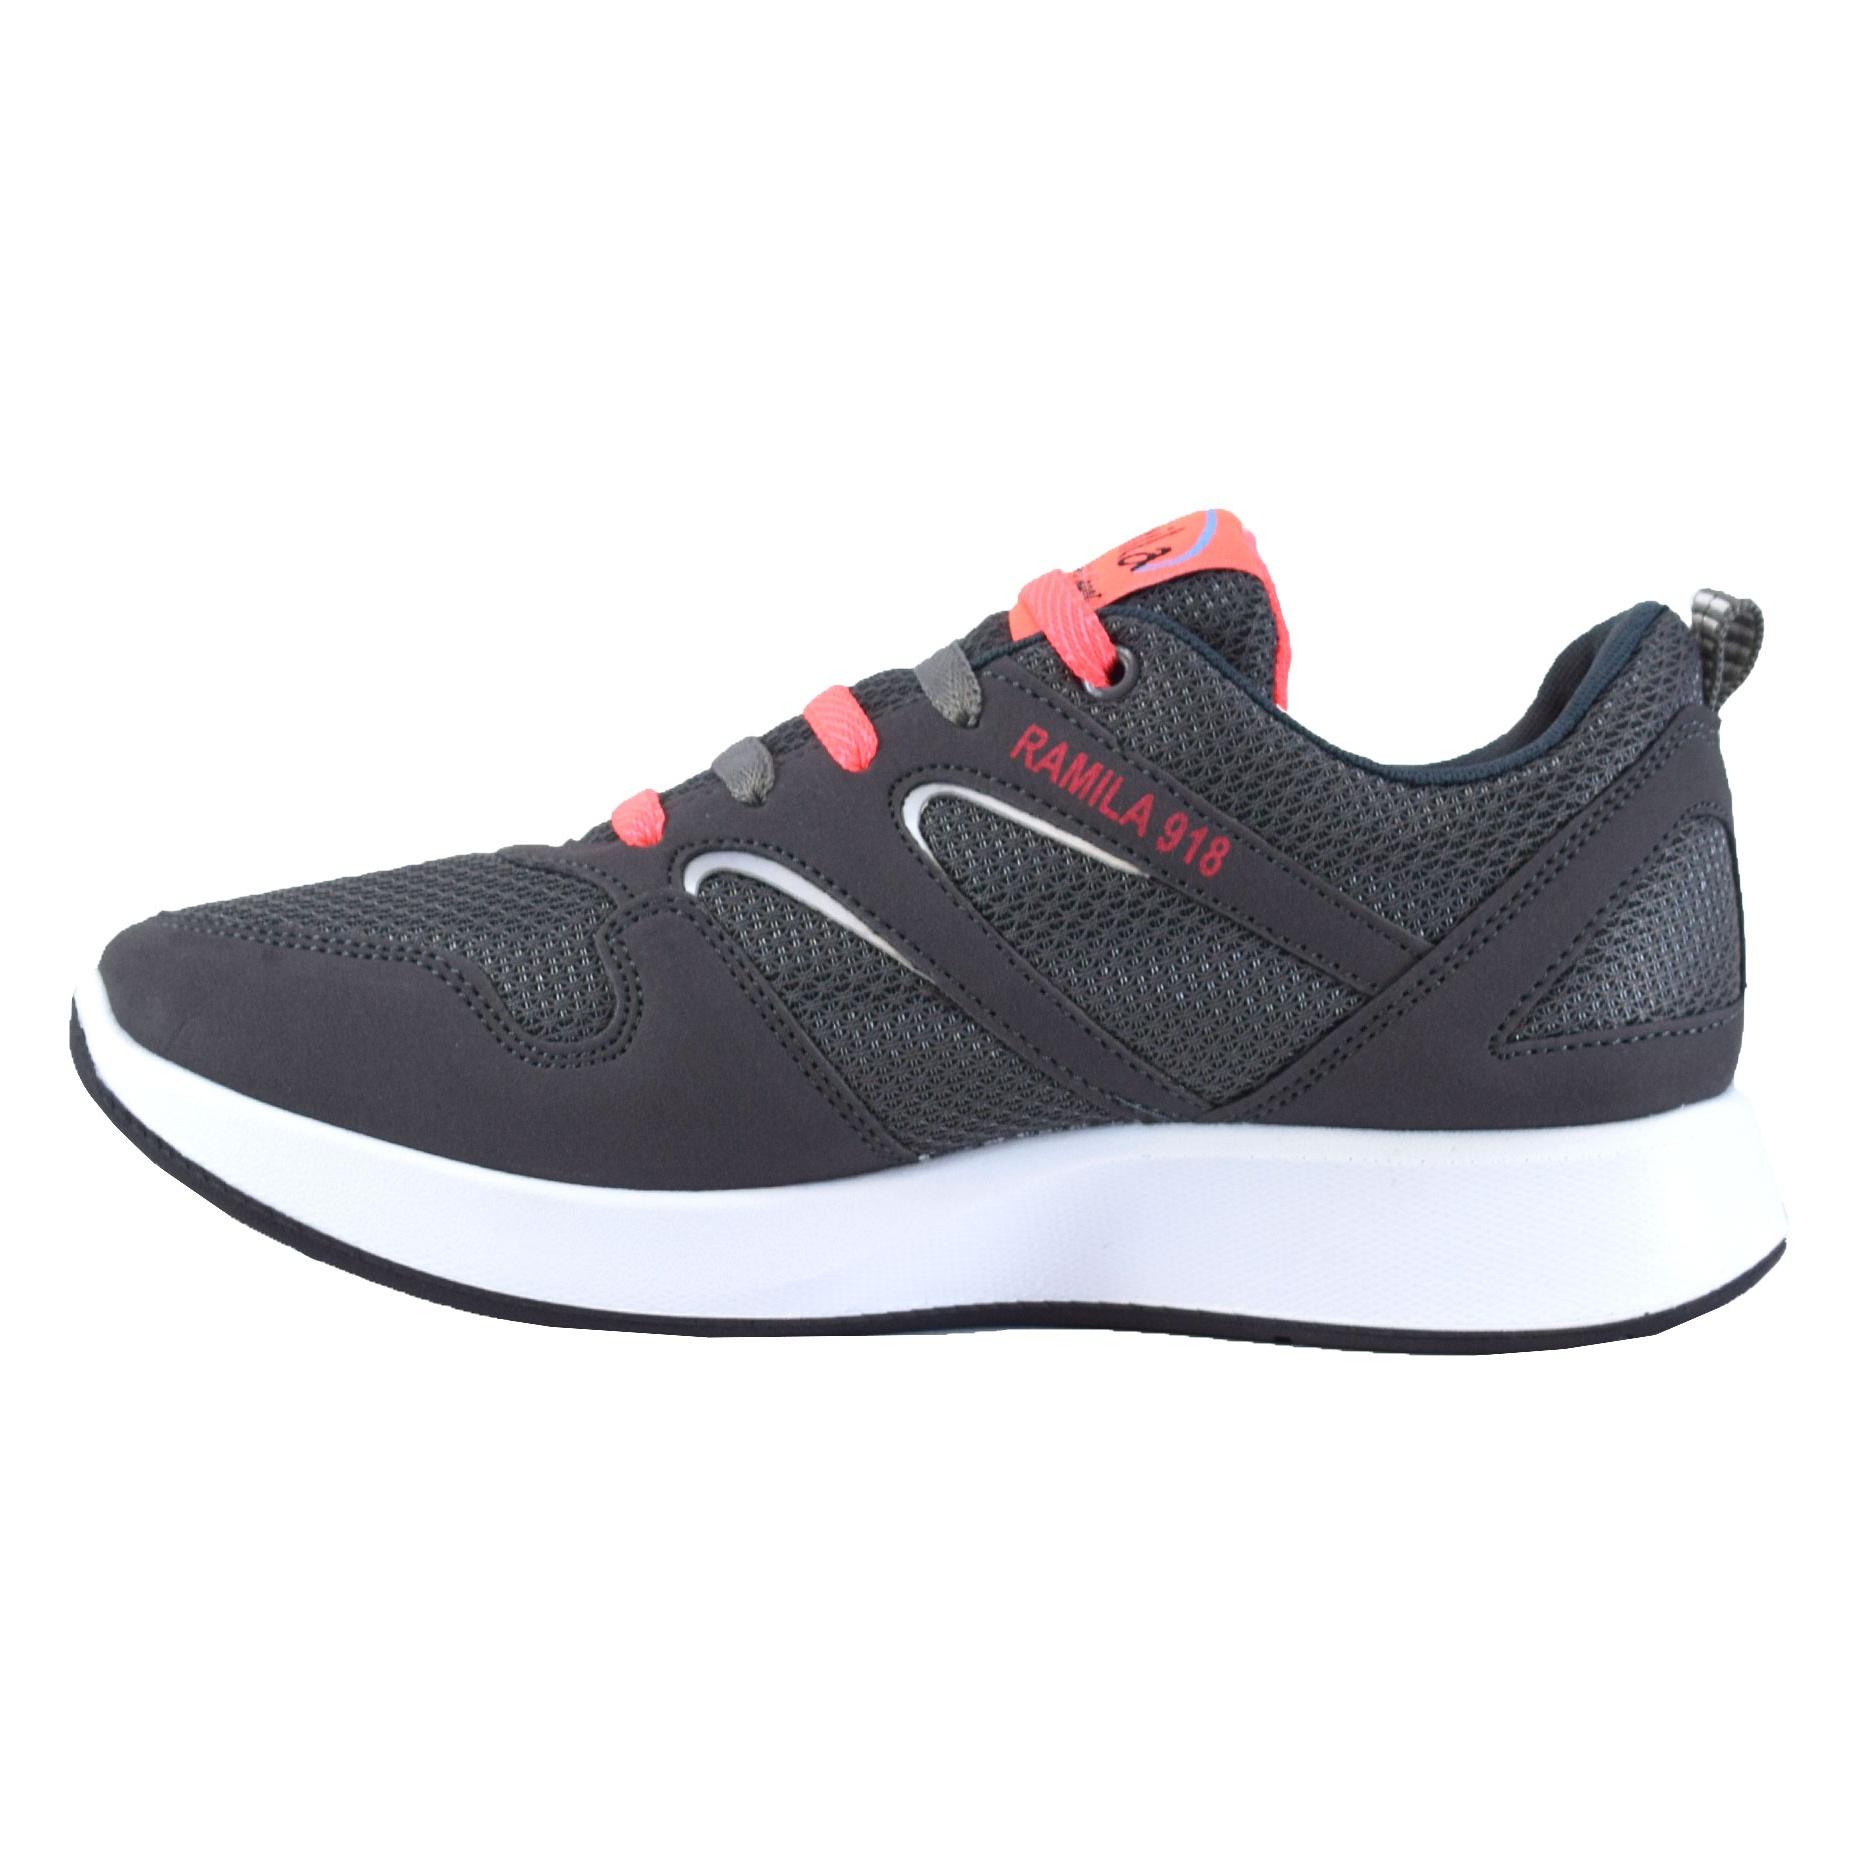 کفش مخصوص پیاده روی زنانه کد 71207